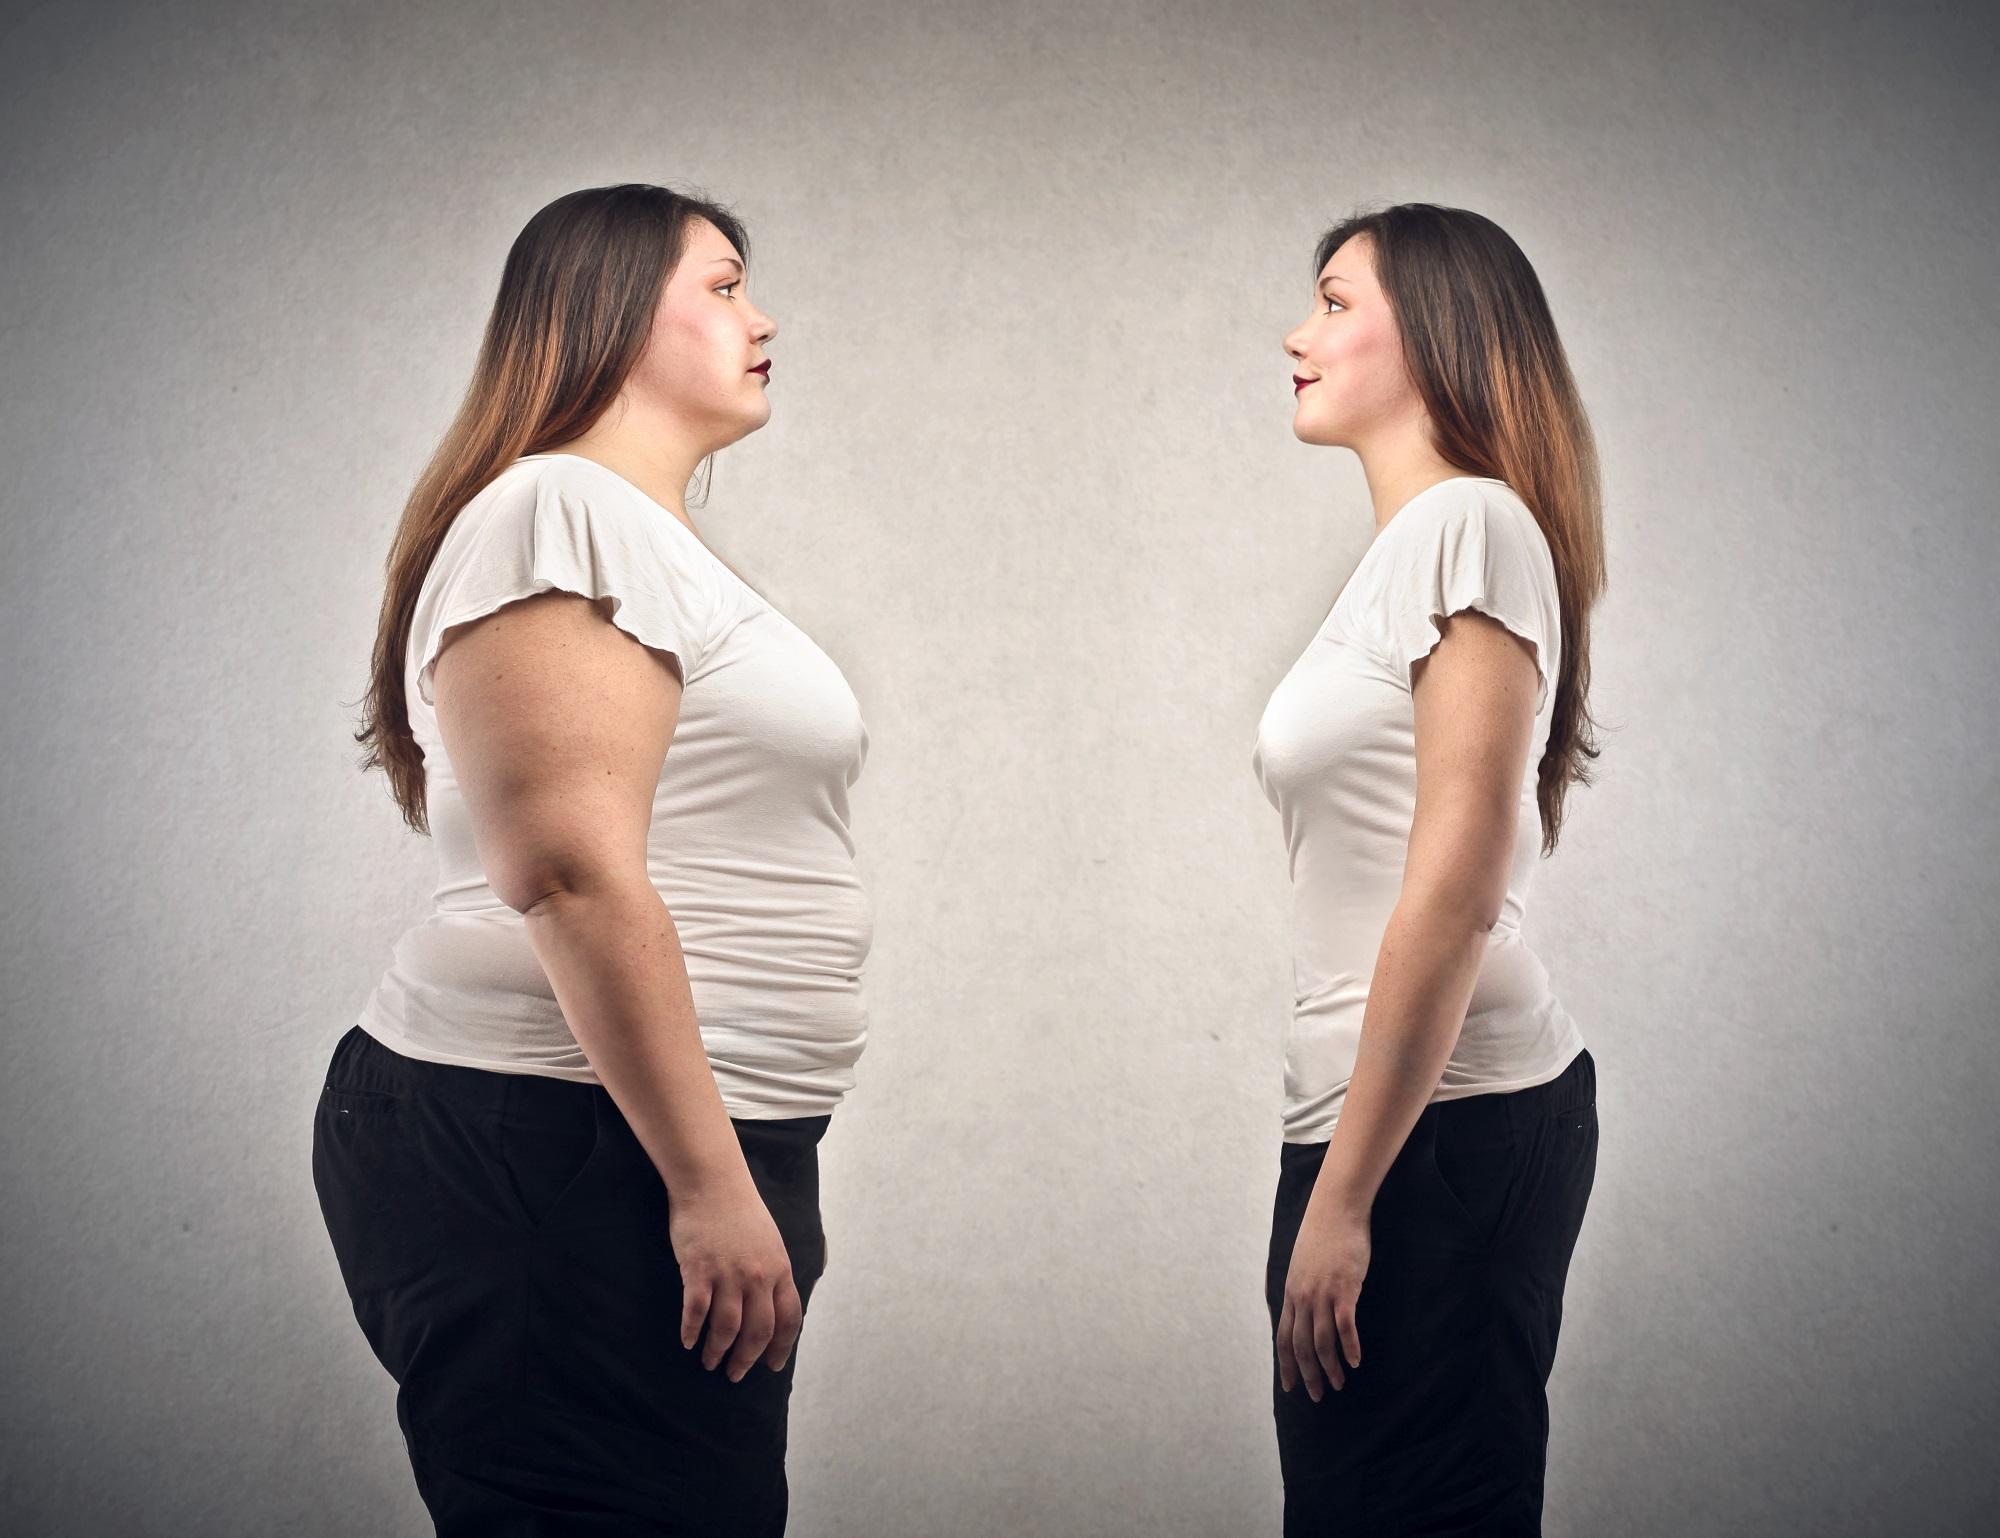 pierderea în greutate a umpului